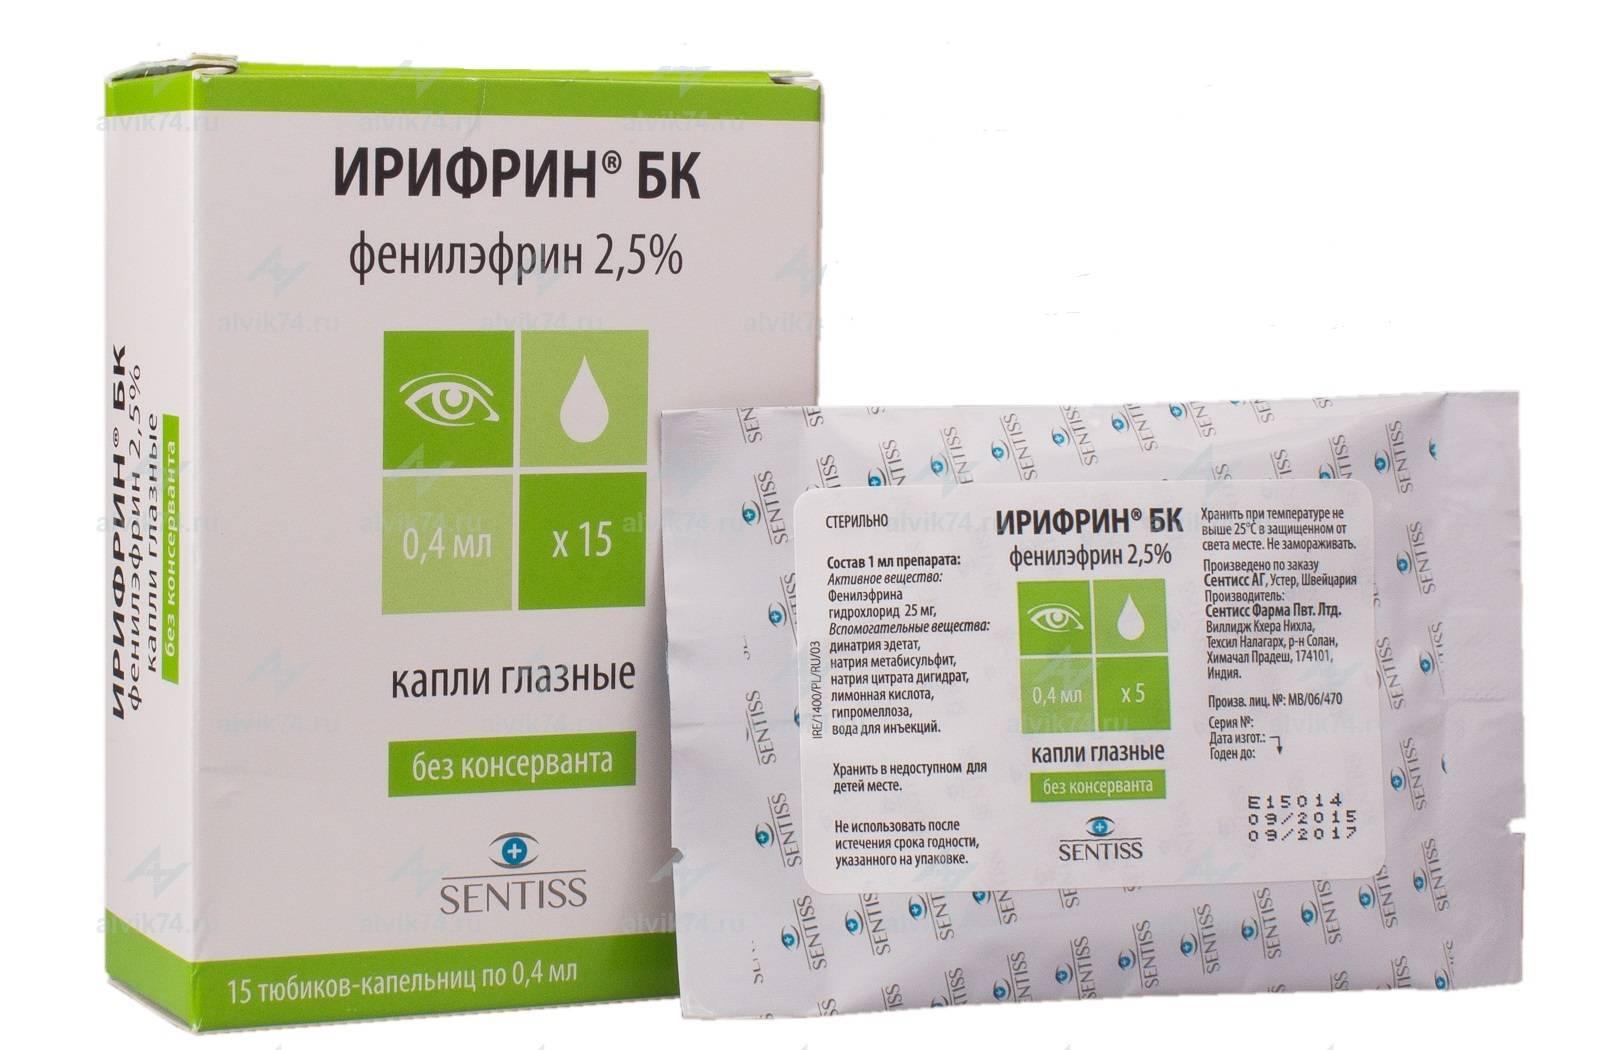 Ирифрин - способ использования, дозировка, действующее вещество, противопоказания и отзывы